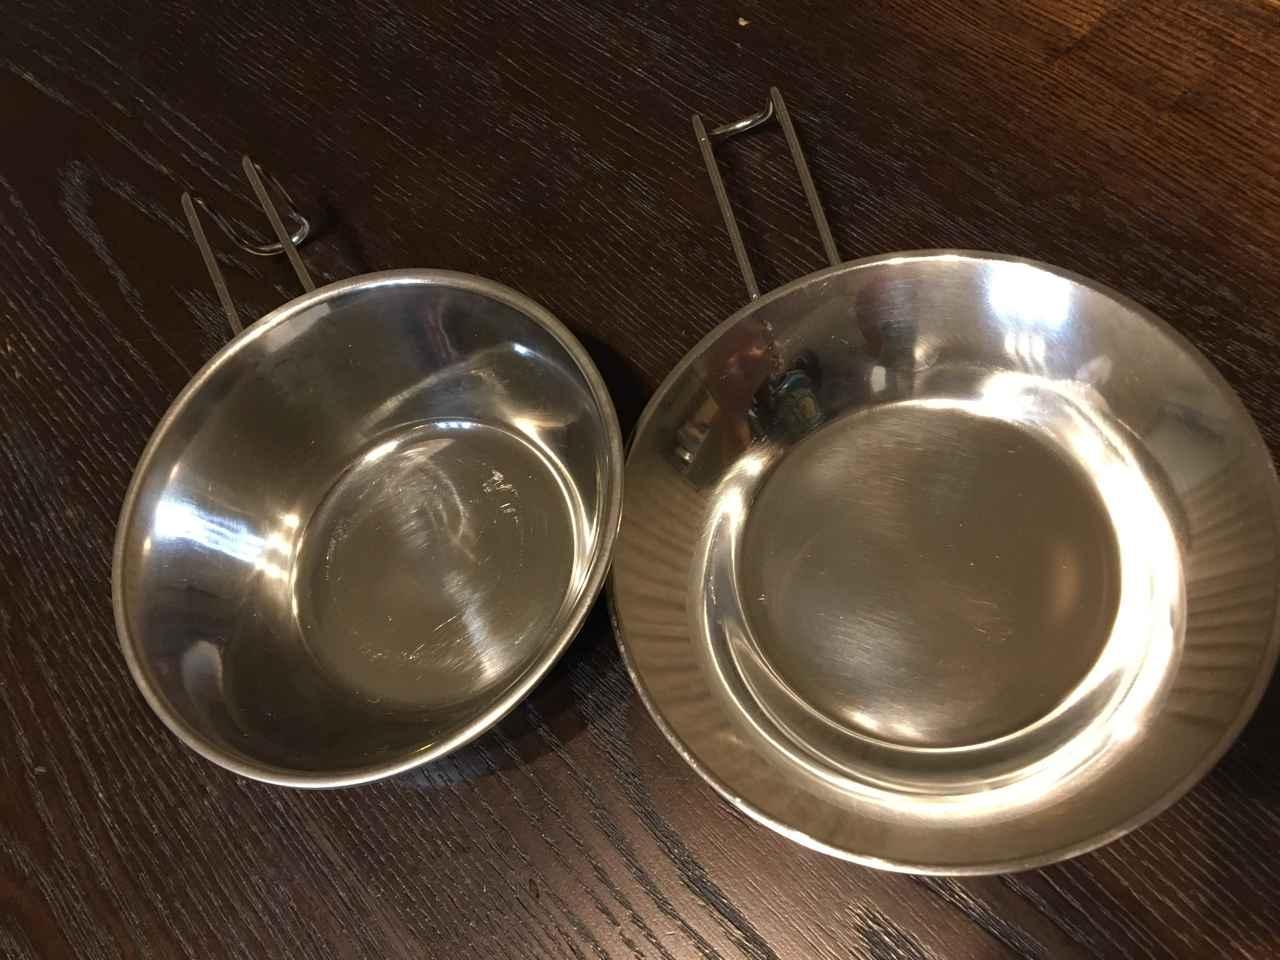 画像2: ③ キャンプの食器でヘビーユースのシェラカップ型